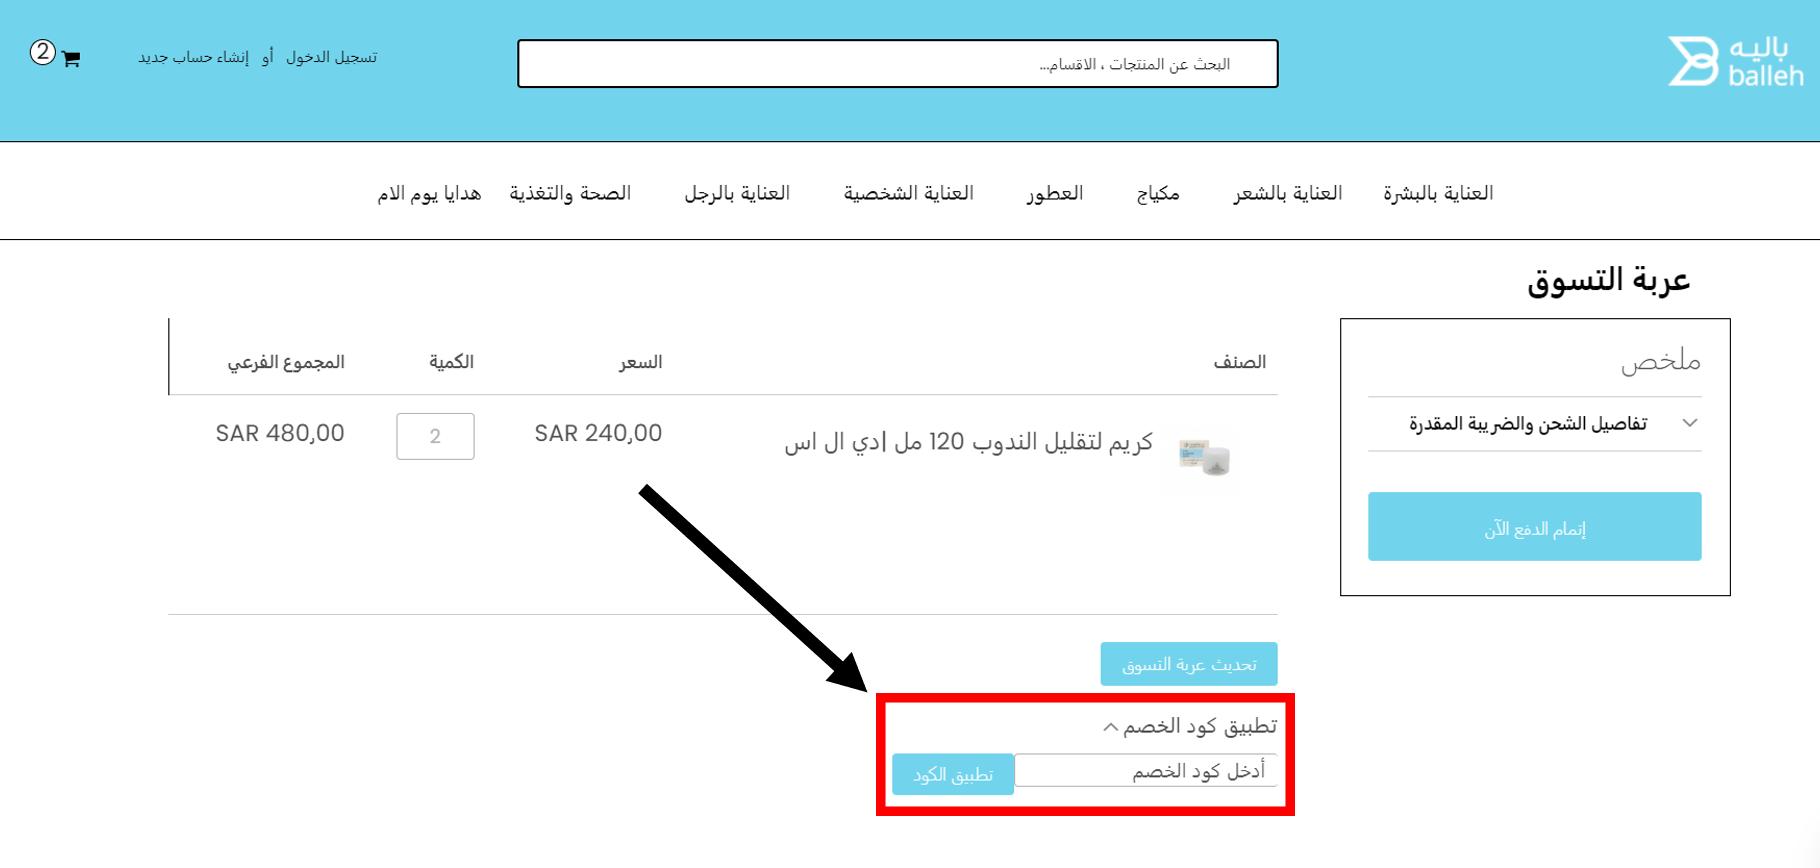 كيف أستخدم كود خصم باليه Balleh كوبون خصم موقع باليه Balleh Promo code كود خصم باليه كوم كوبون ؟